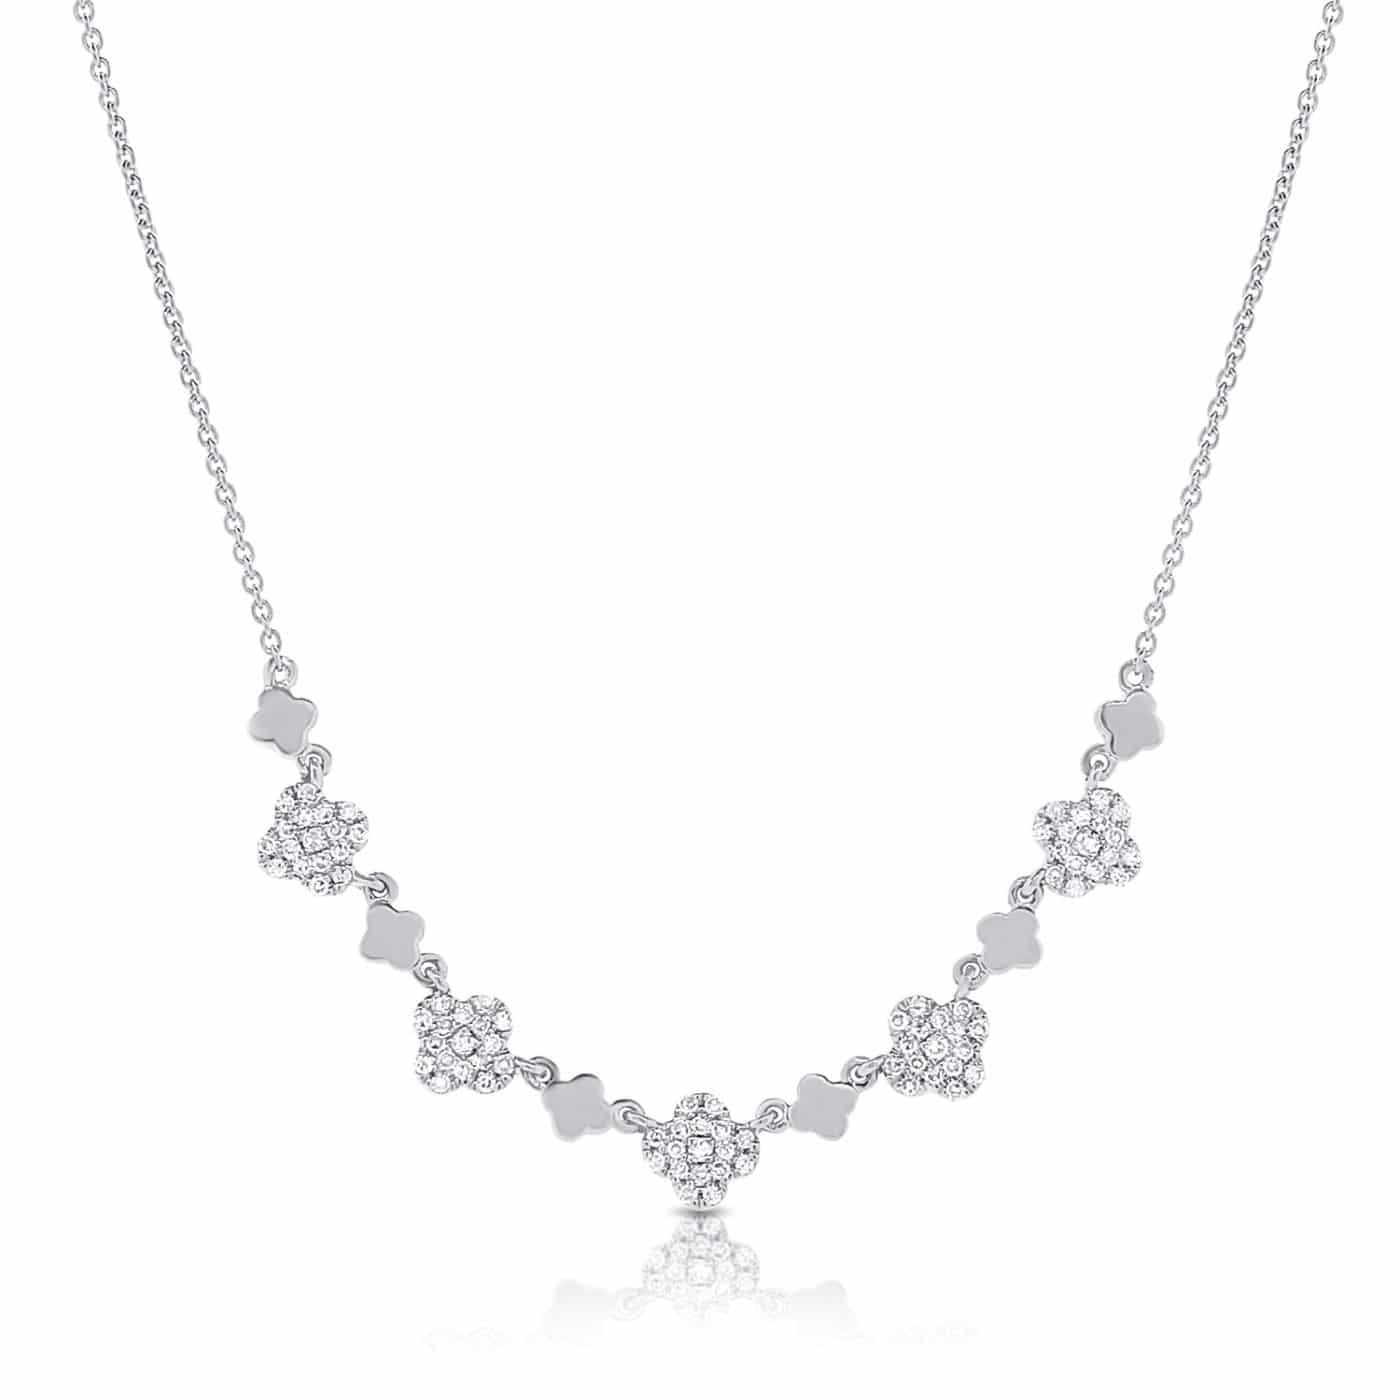 Diamond-Clover-Heart-Pendant-14k-White-Gold-AAN689